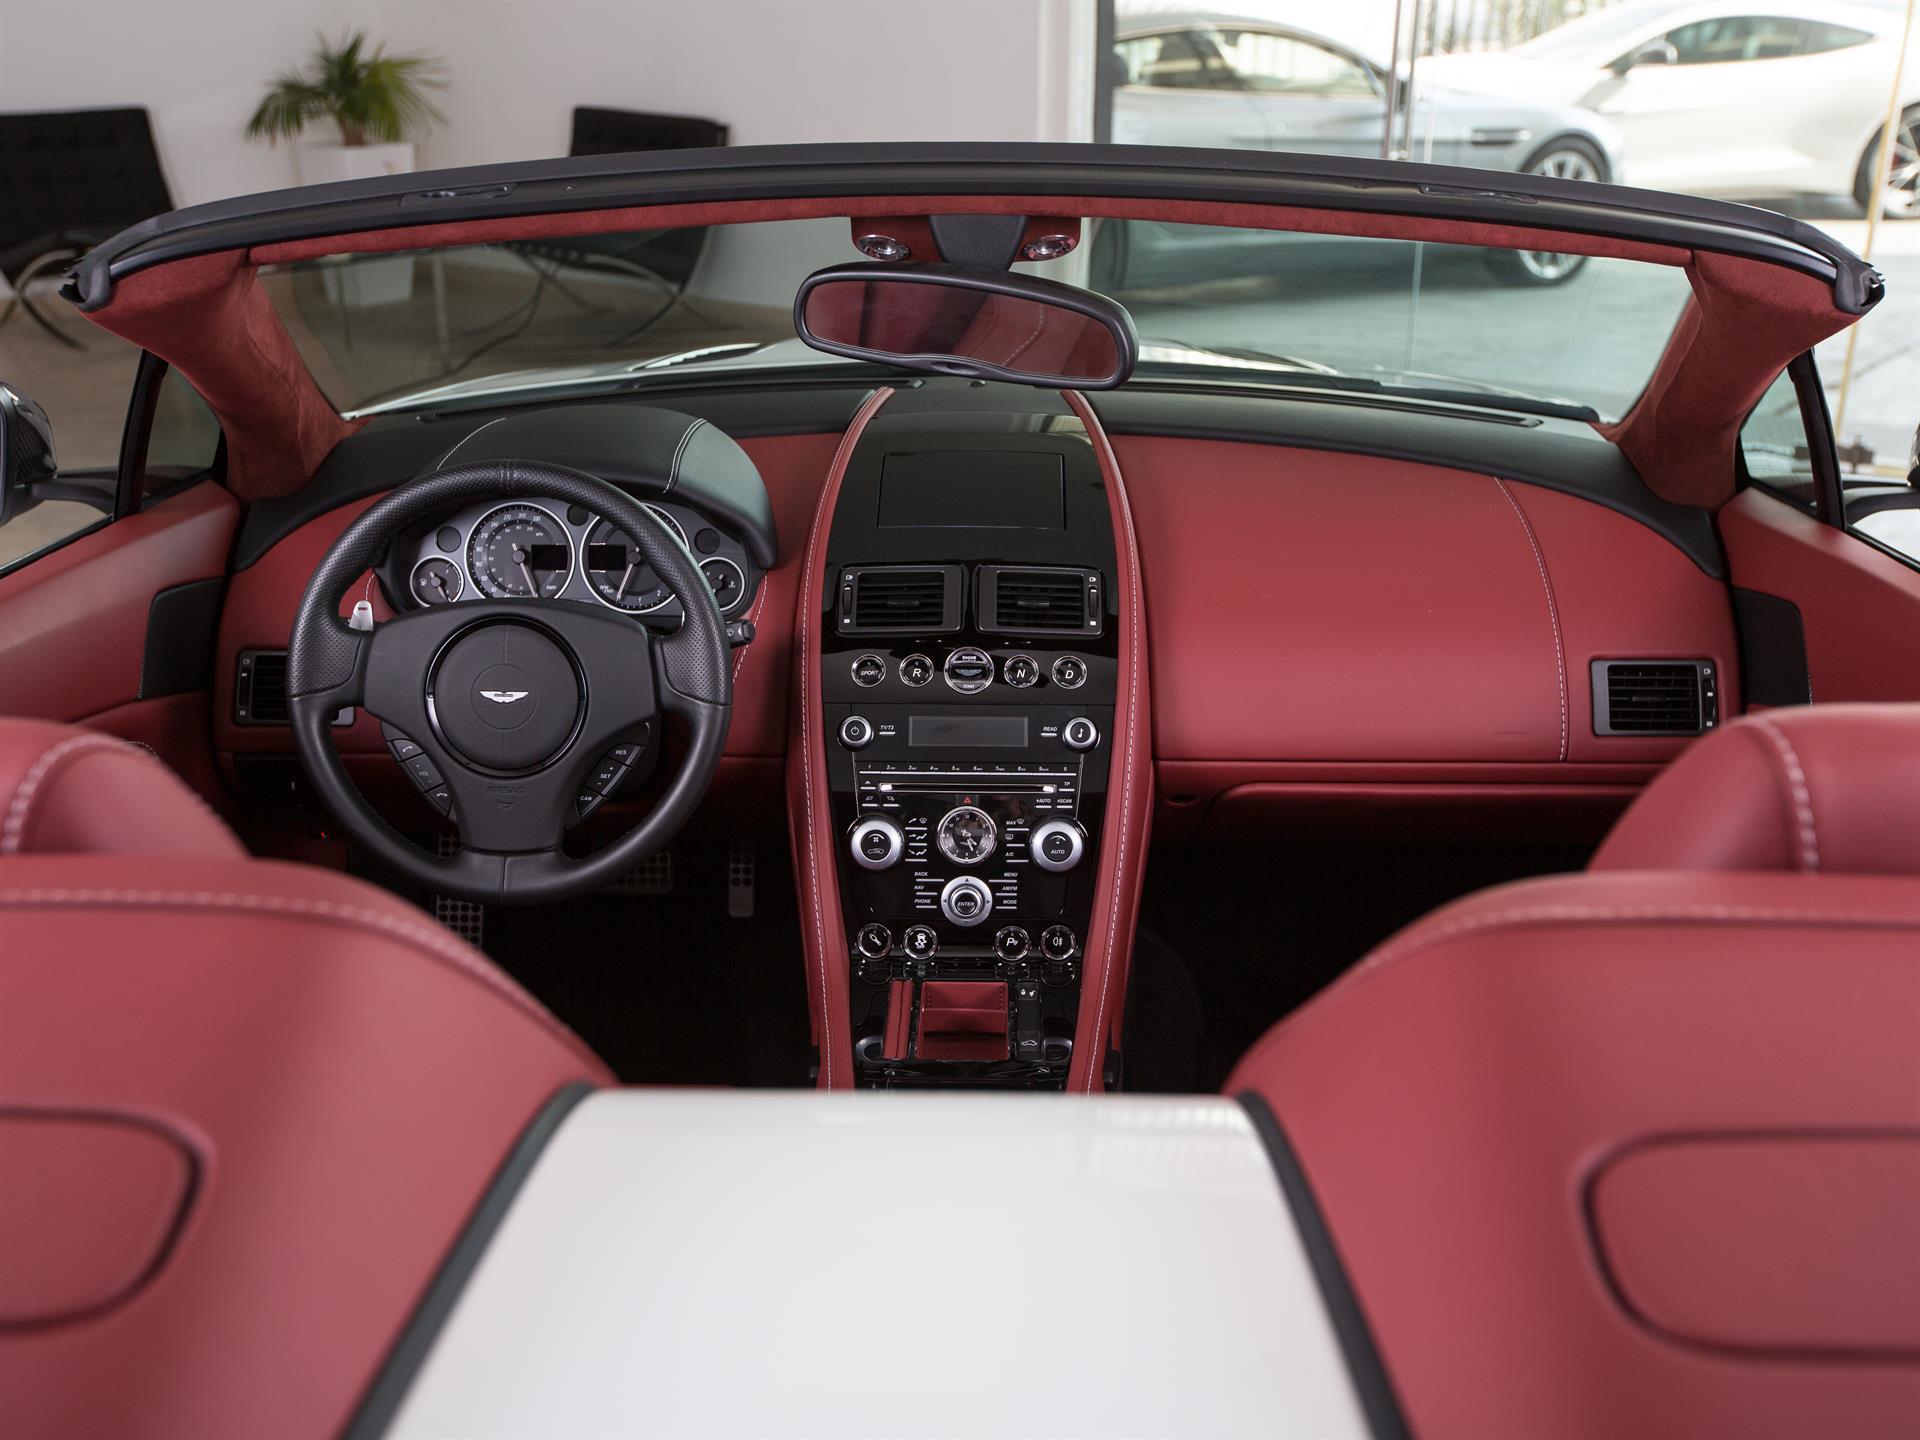 Aston Martin Lagonda Gebrauchtwagen Vehicle details V12